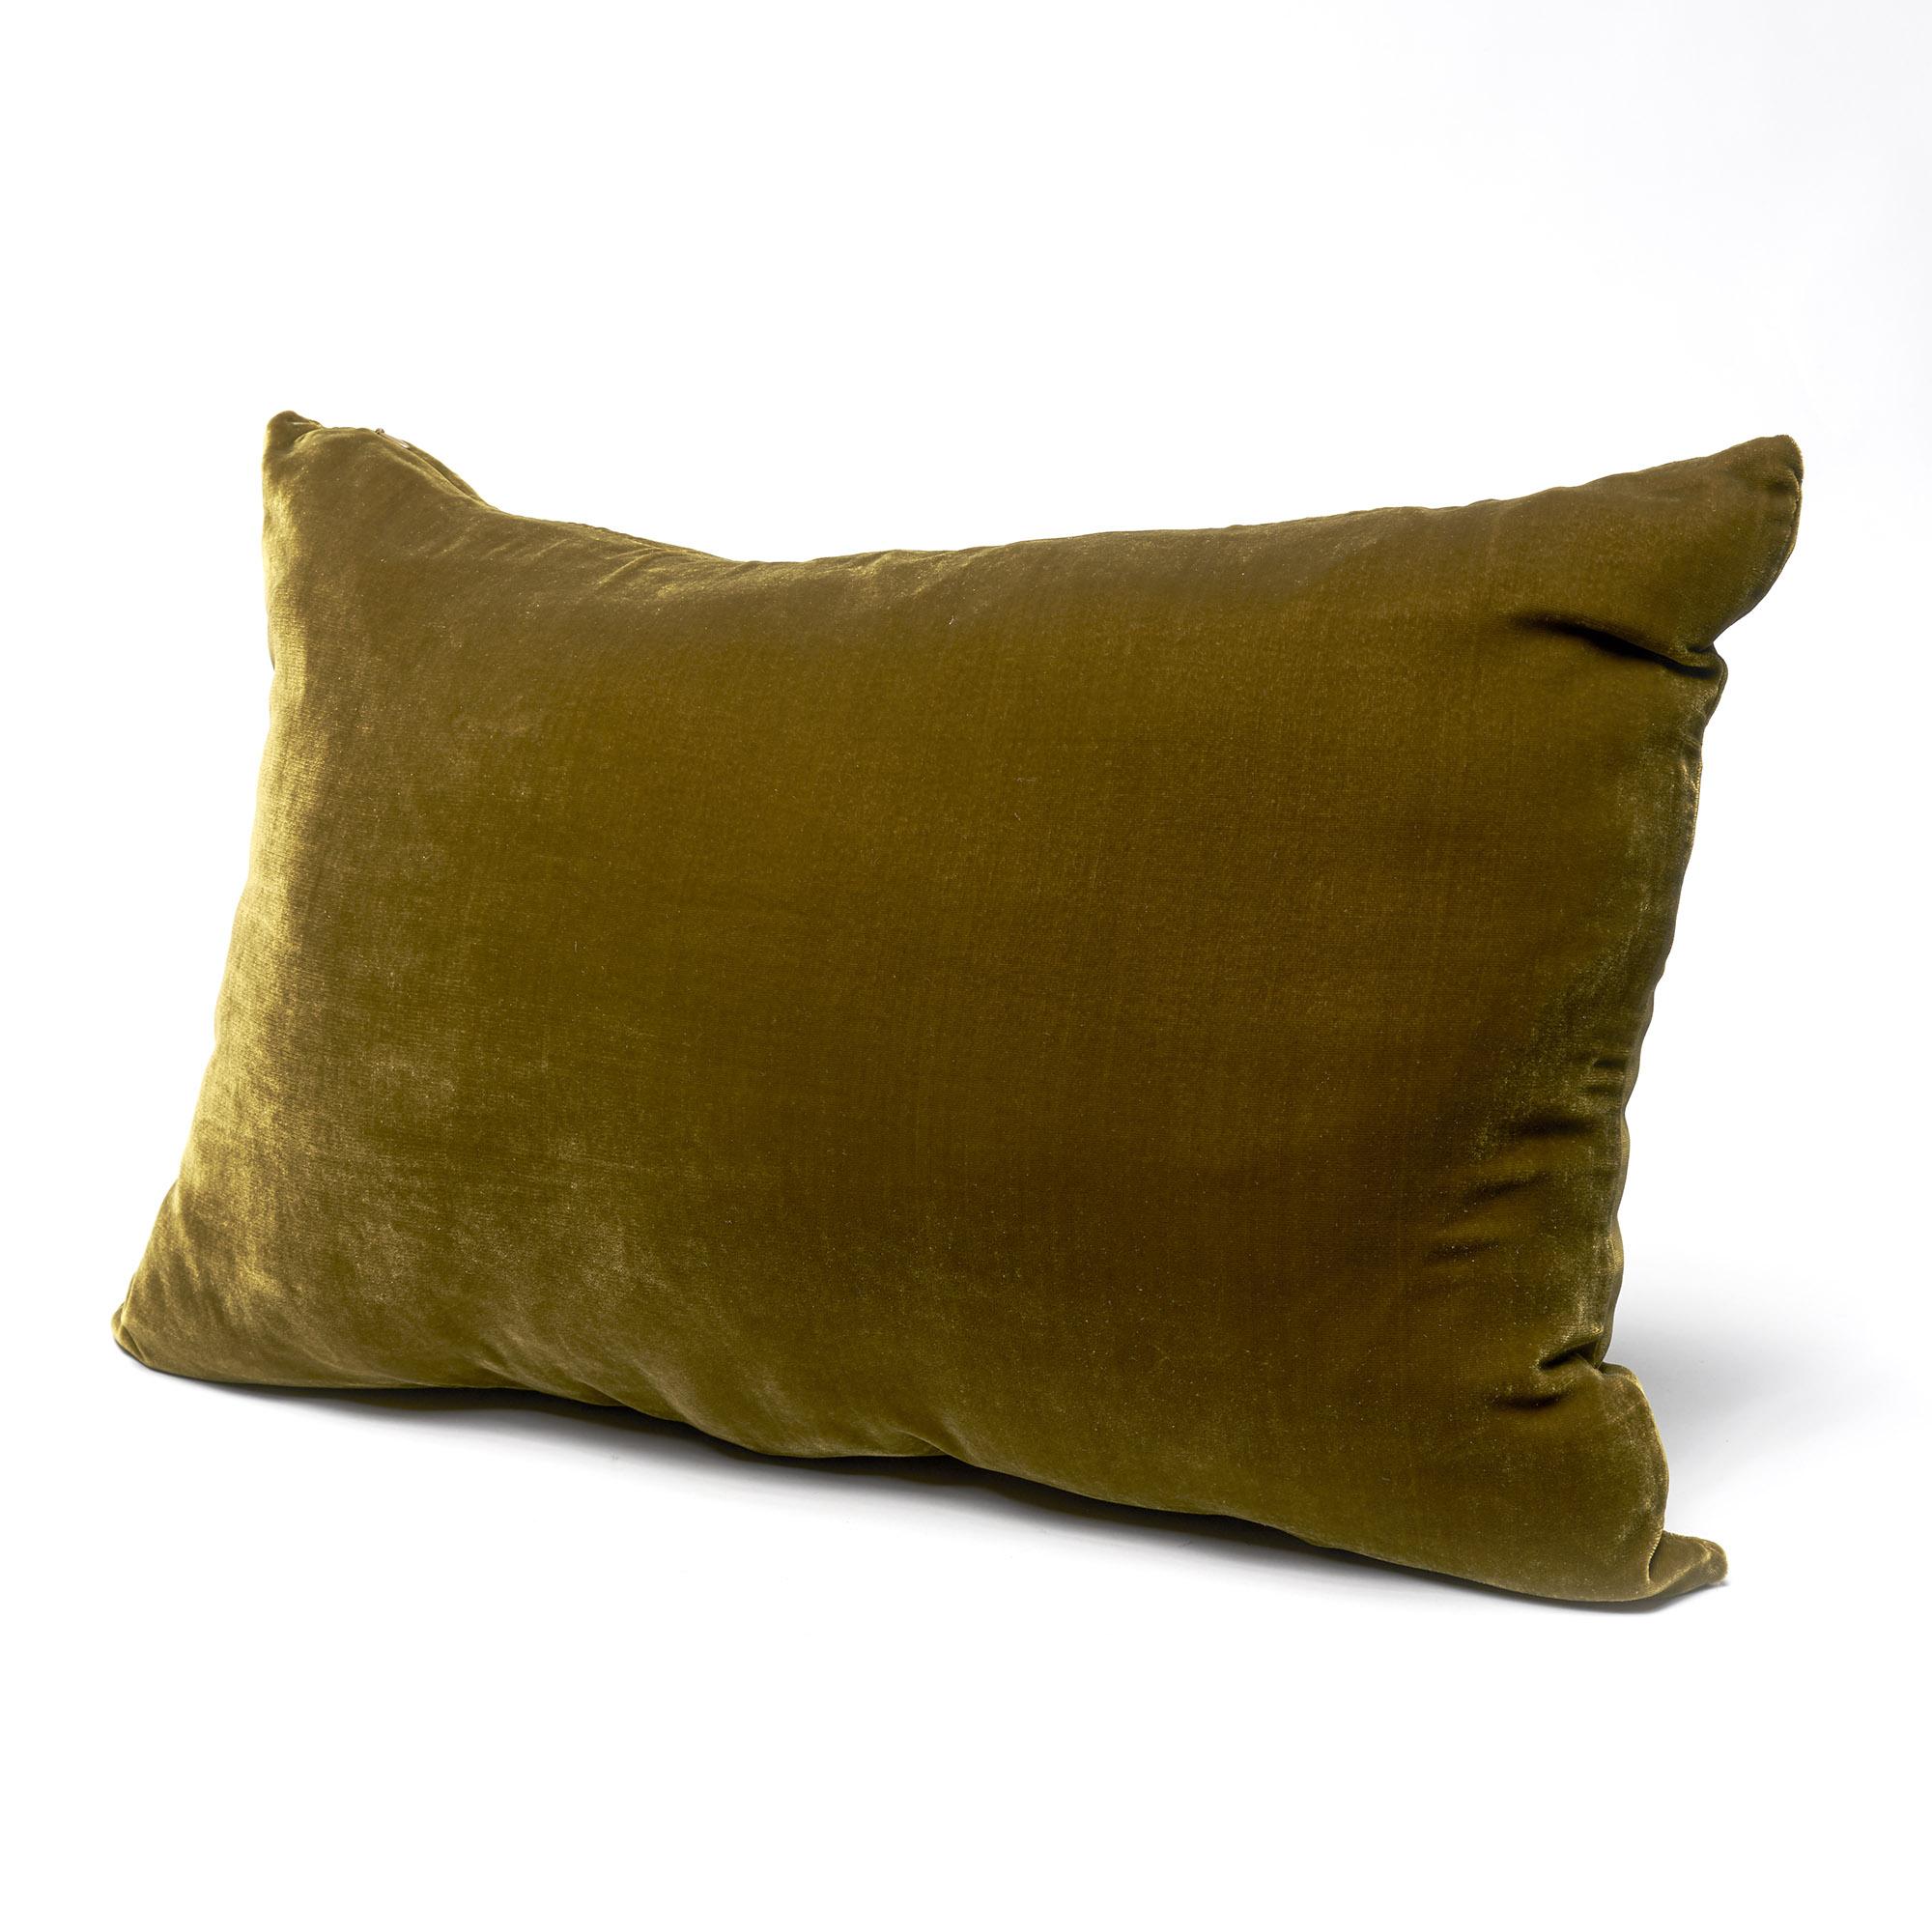 SALE! Almohadón de terciopelo, rectangular, madera